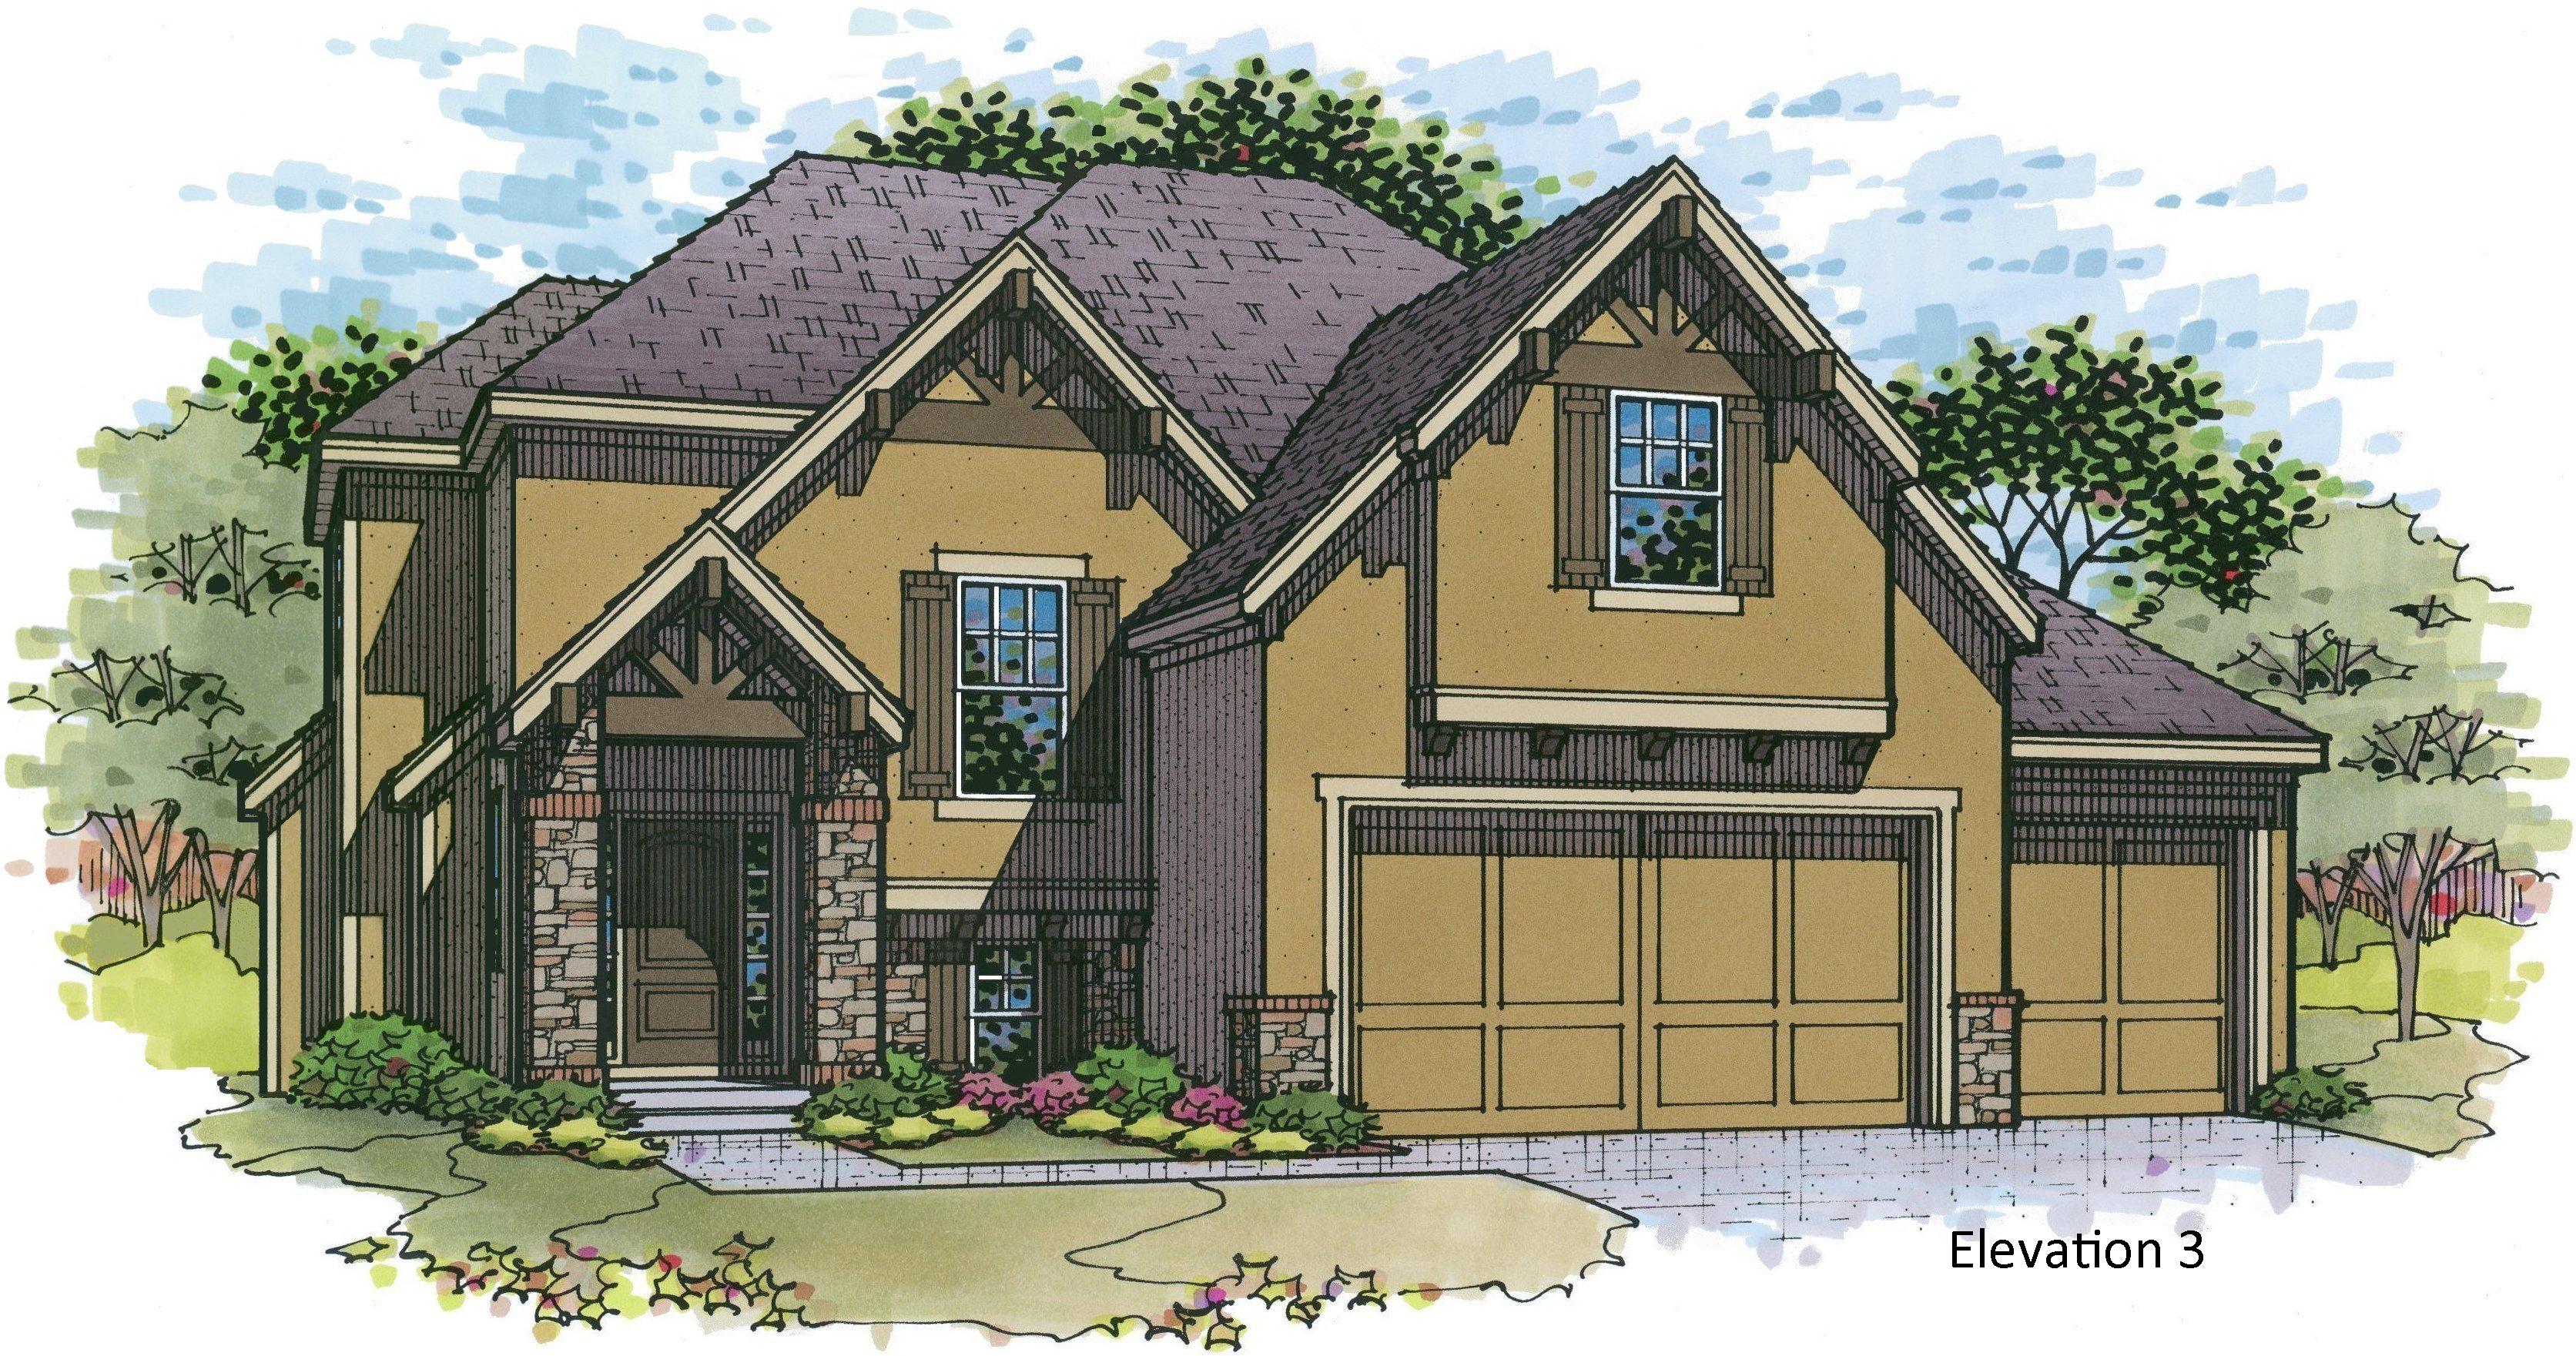 Destin EX elevation 3 color rendering